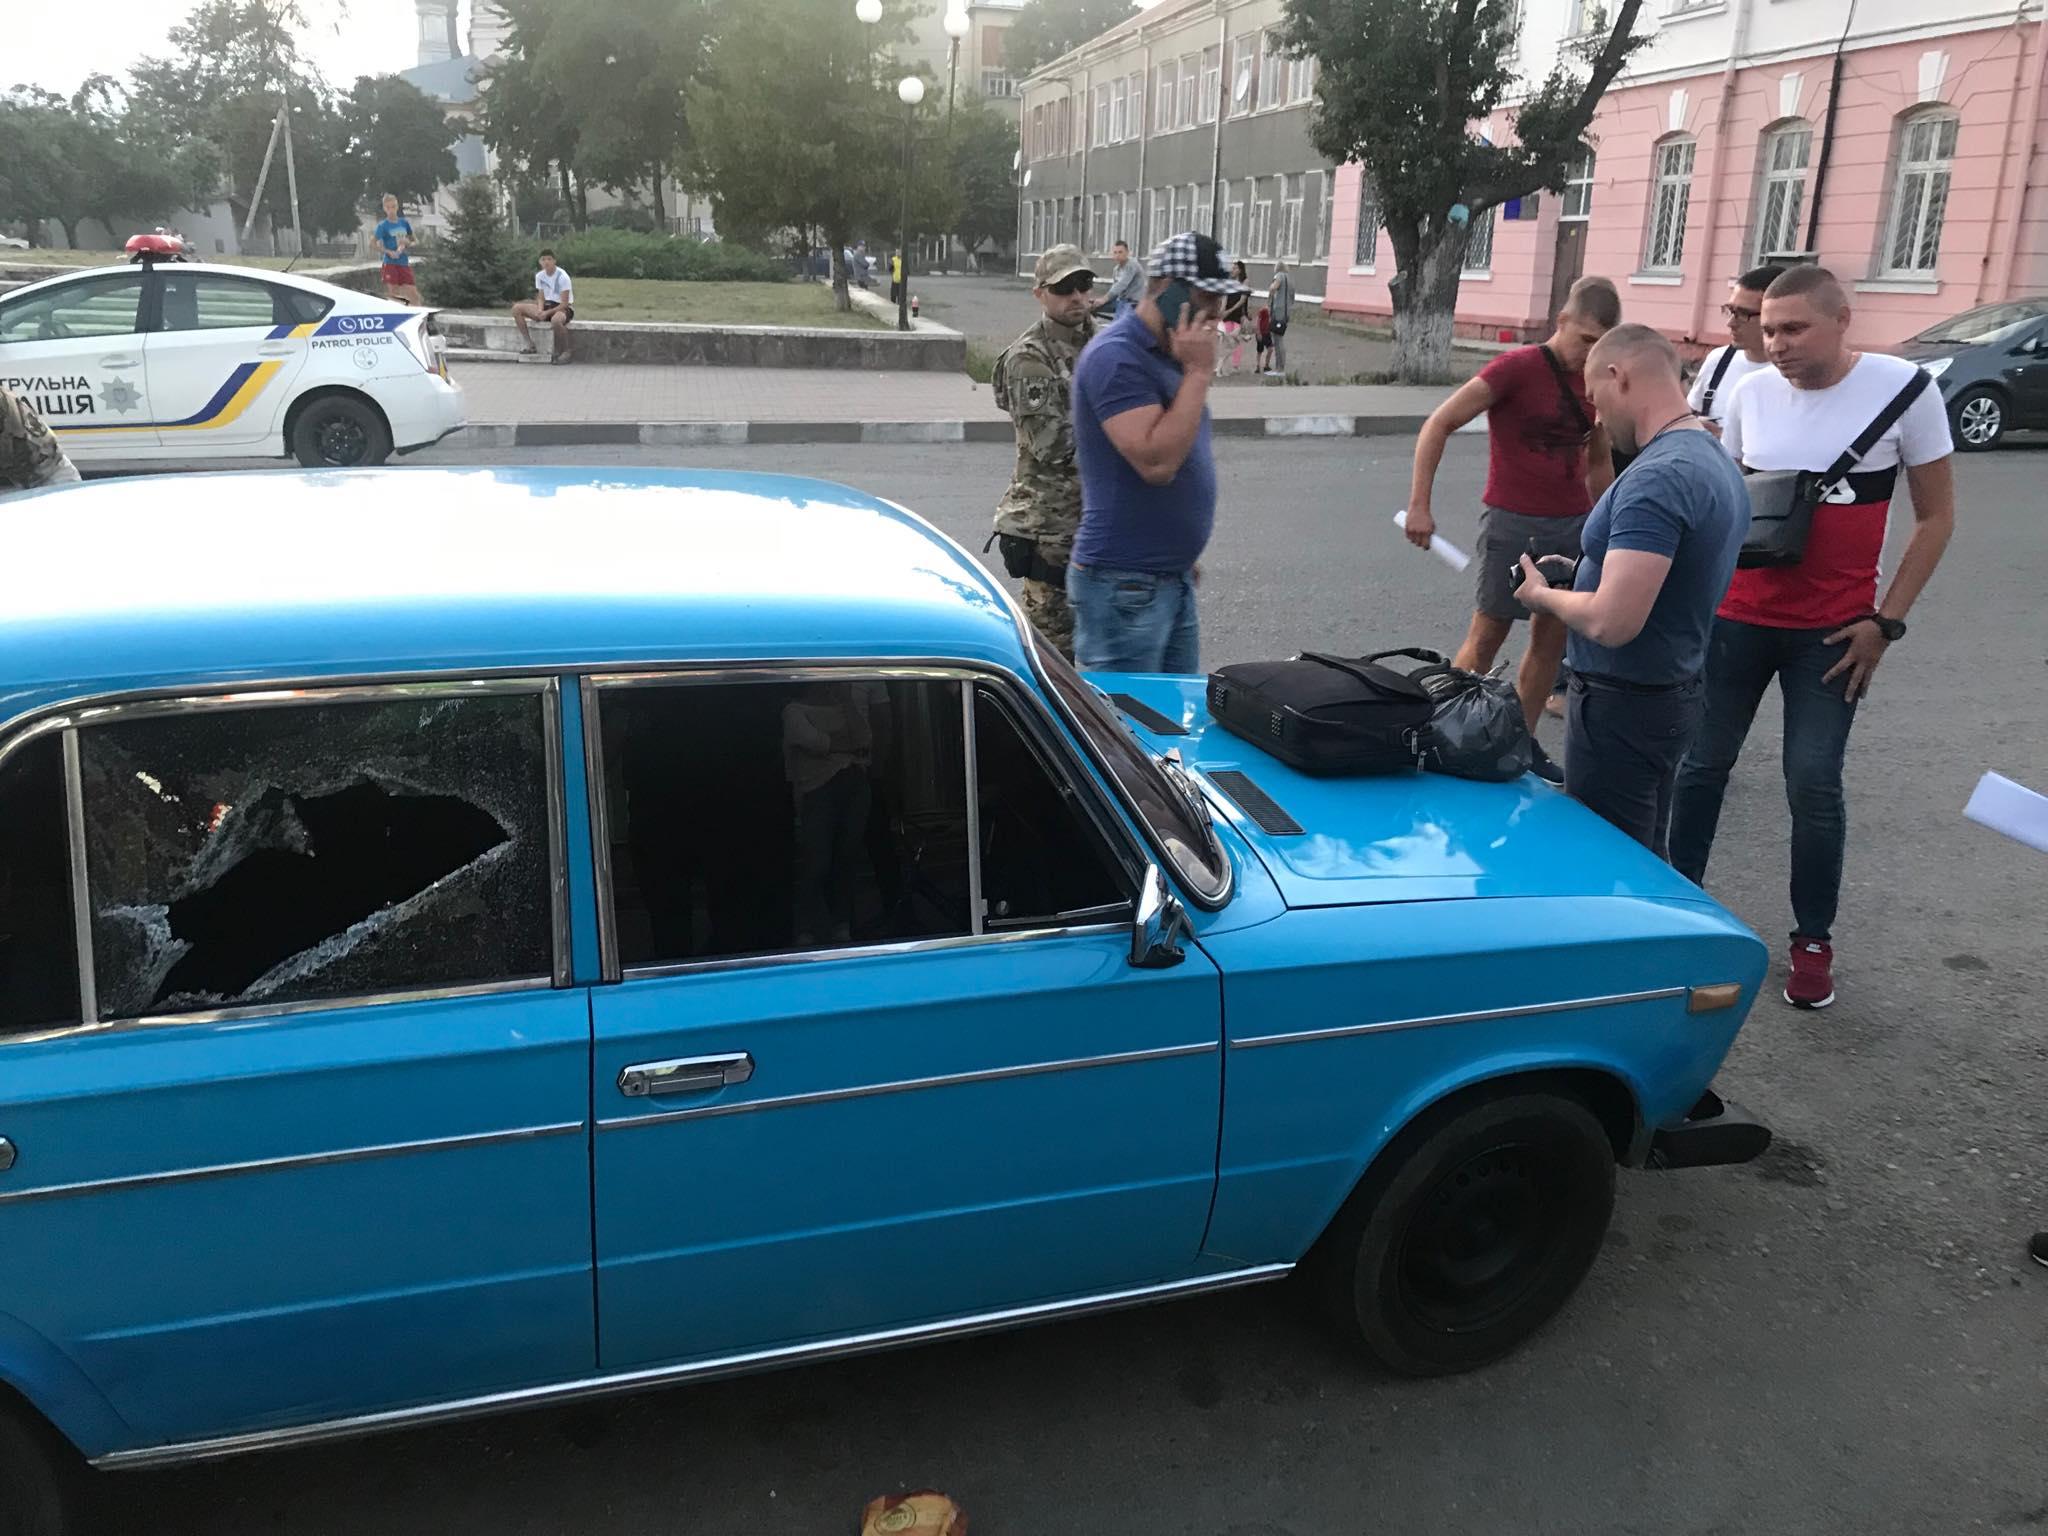 Поблизу  радіозаводу спецпризначенці затримали наркоторговця. ФОТО 12